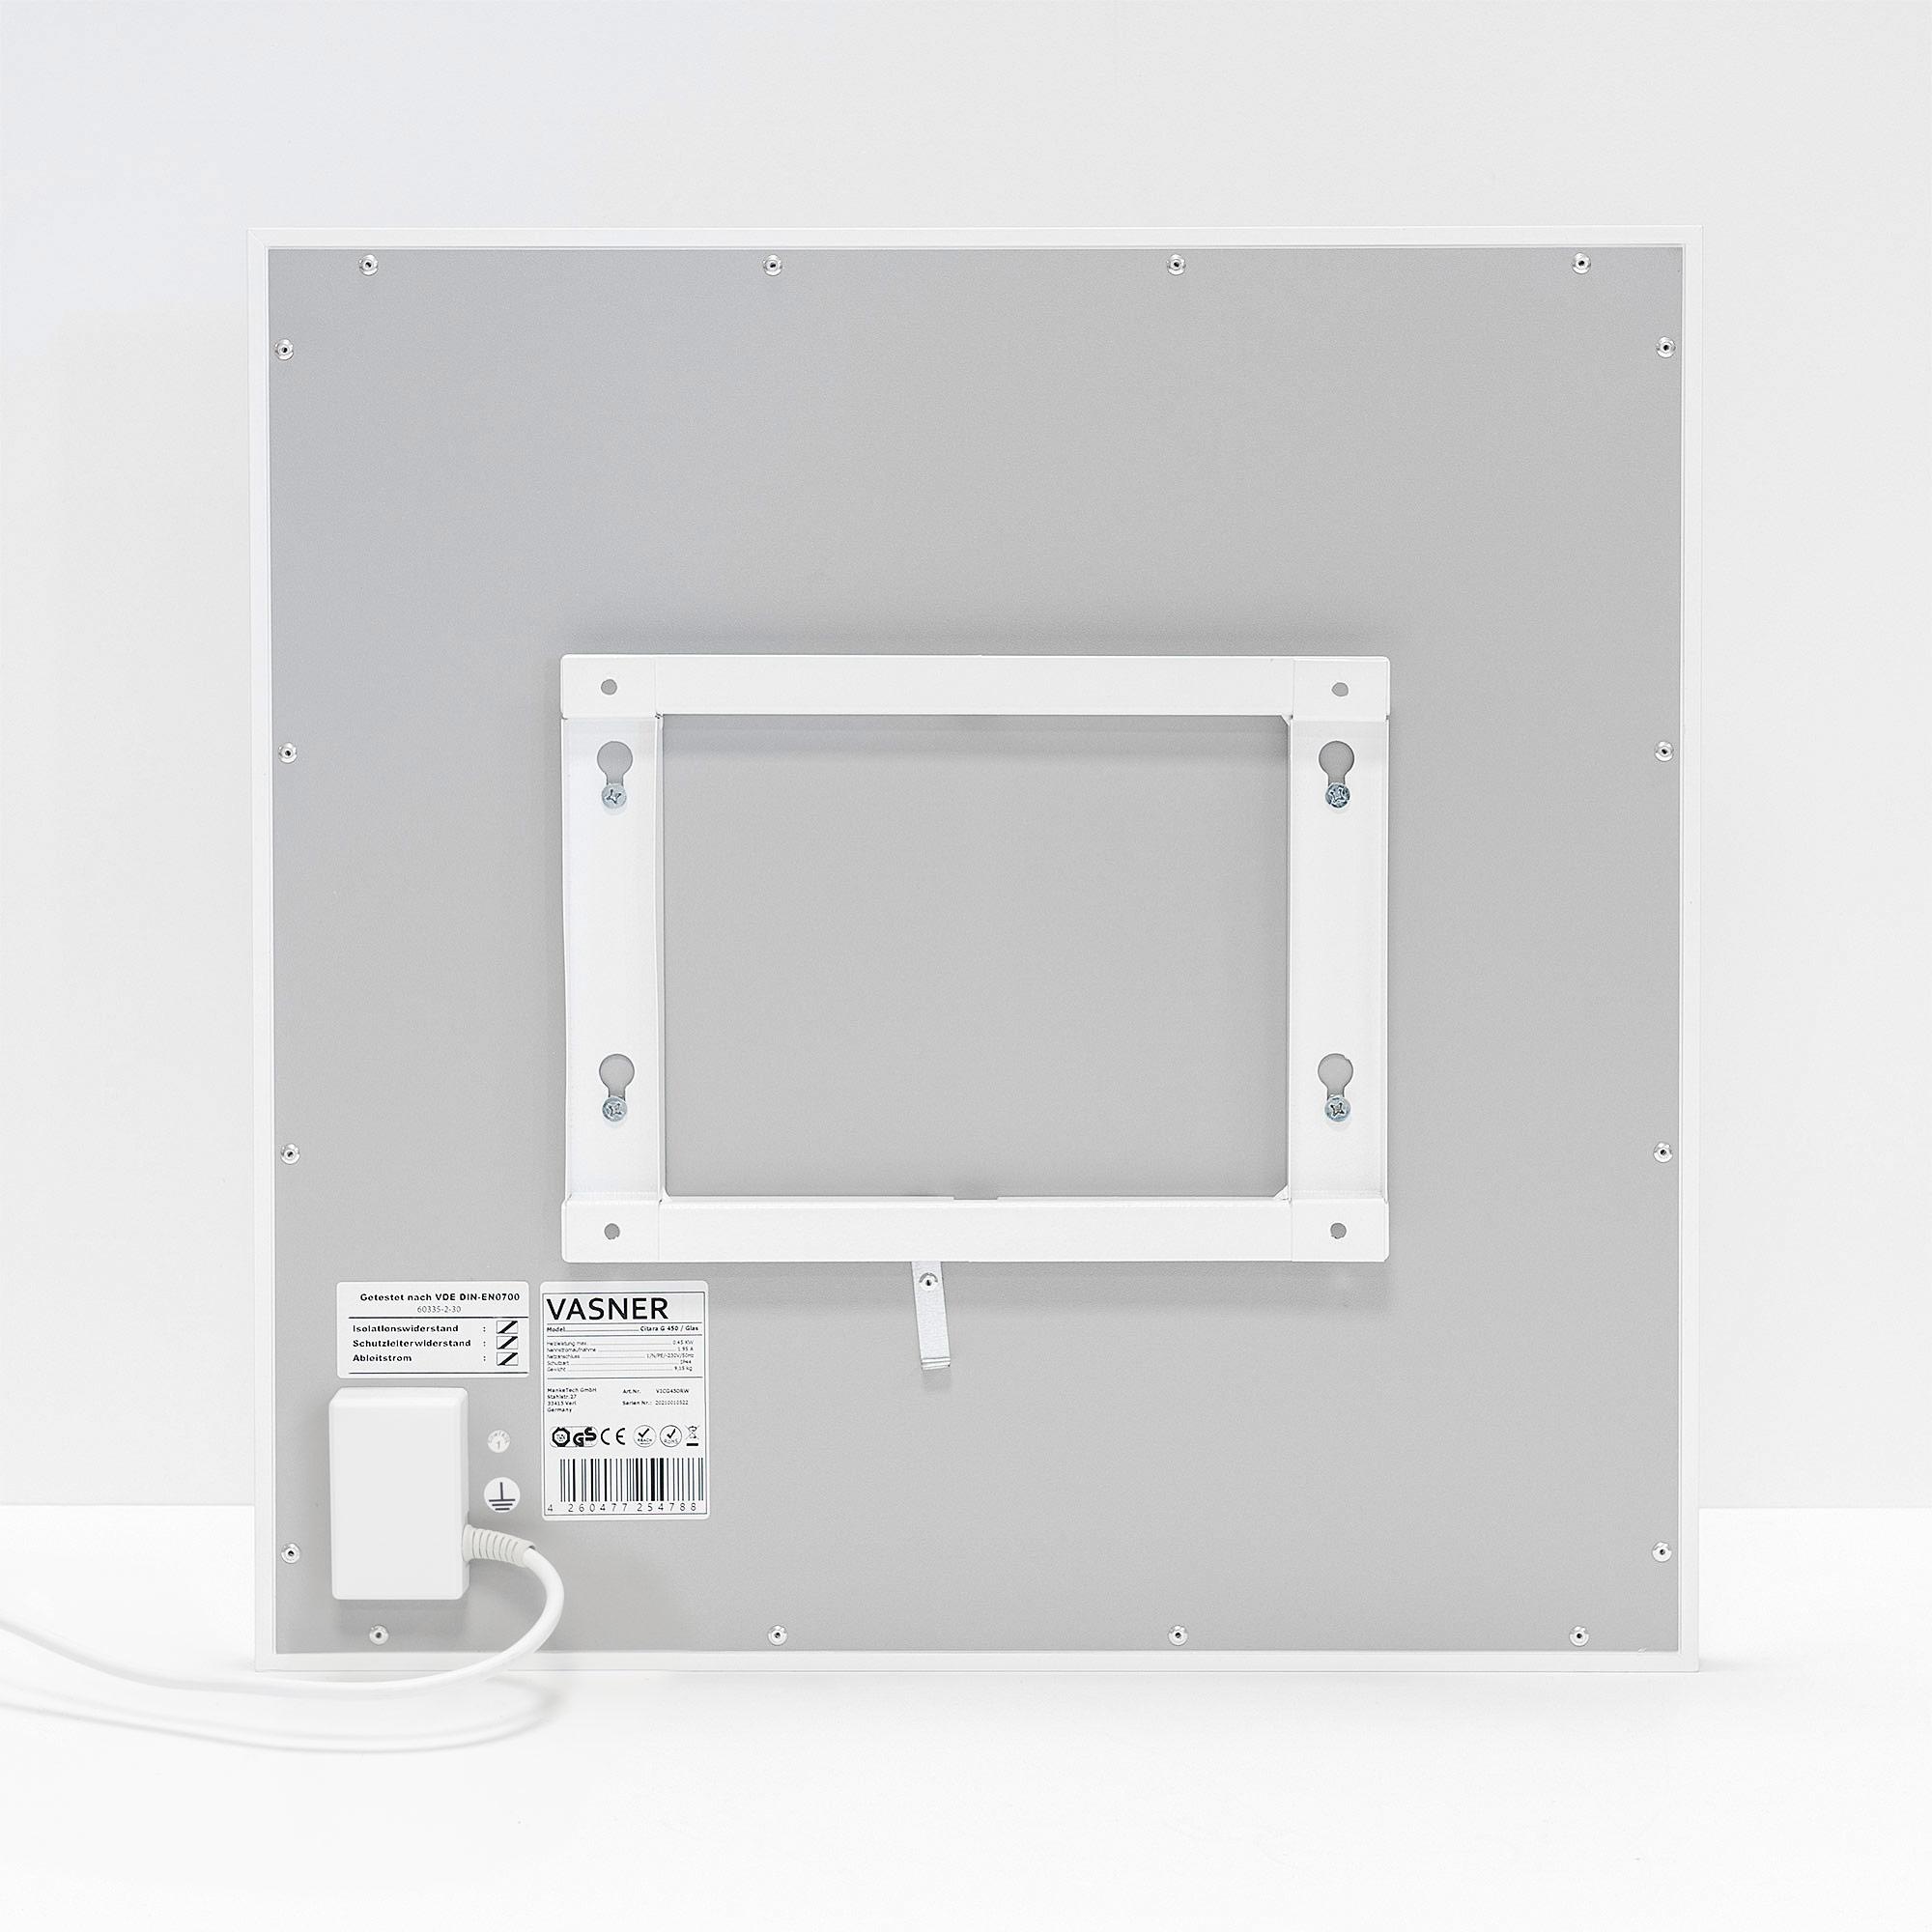 Montage Halterung der Infrarotheizung Glas für Wandmontage